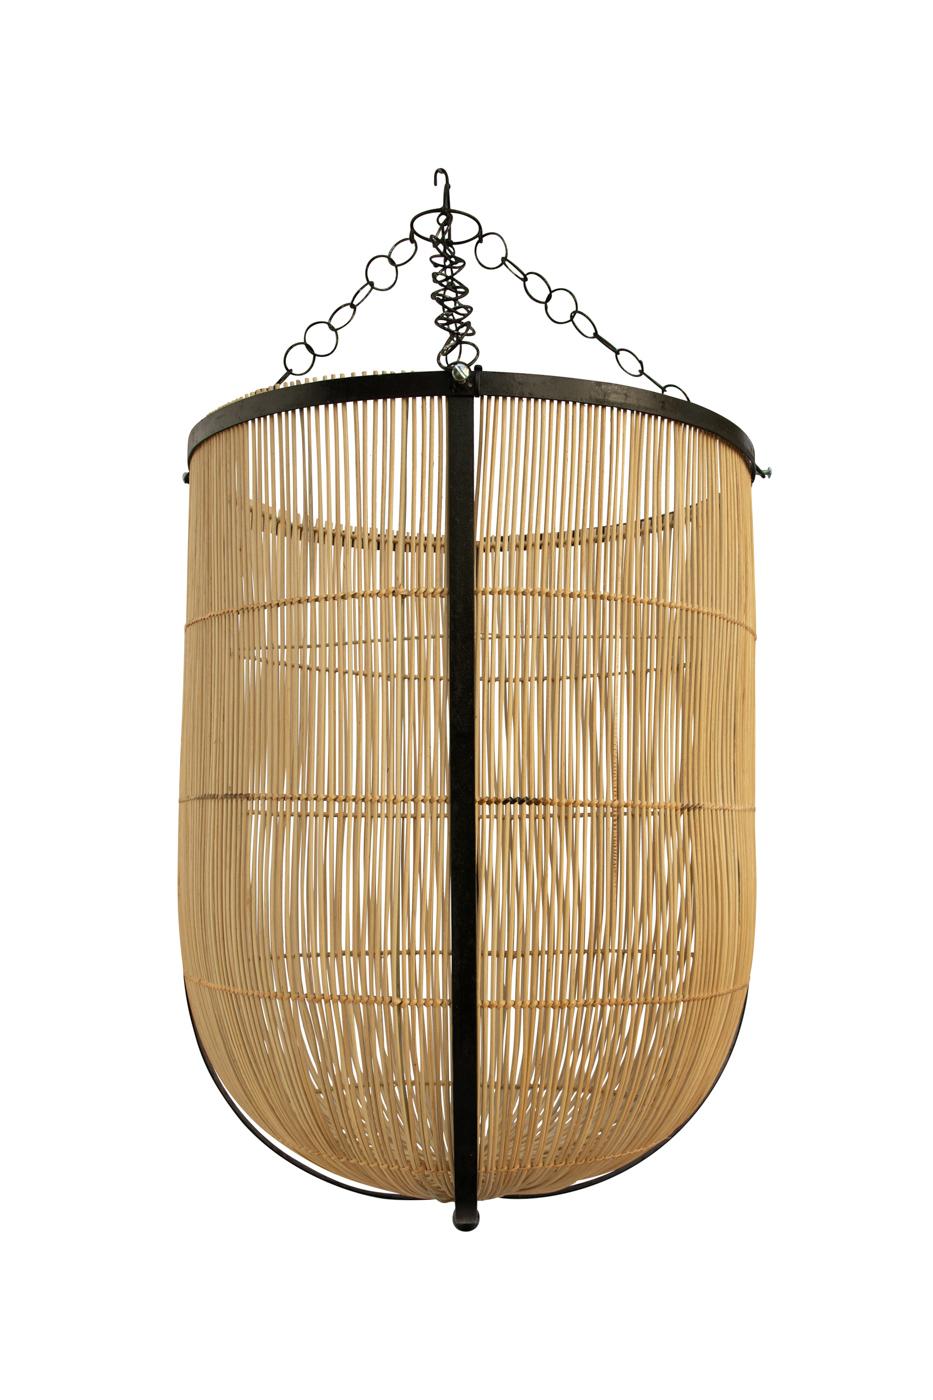 Pendant lamp in rattan and metal, natural